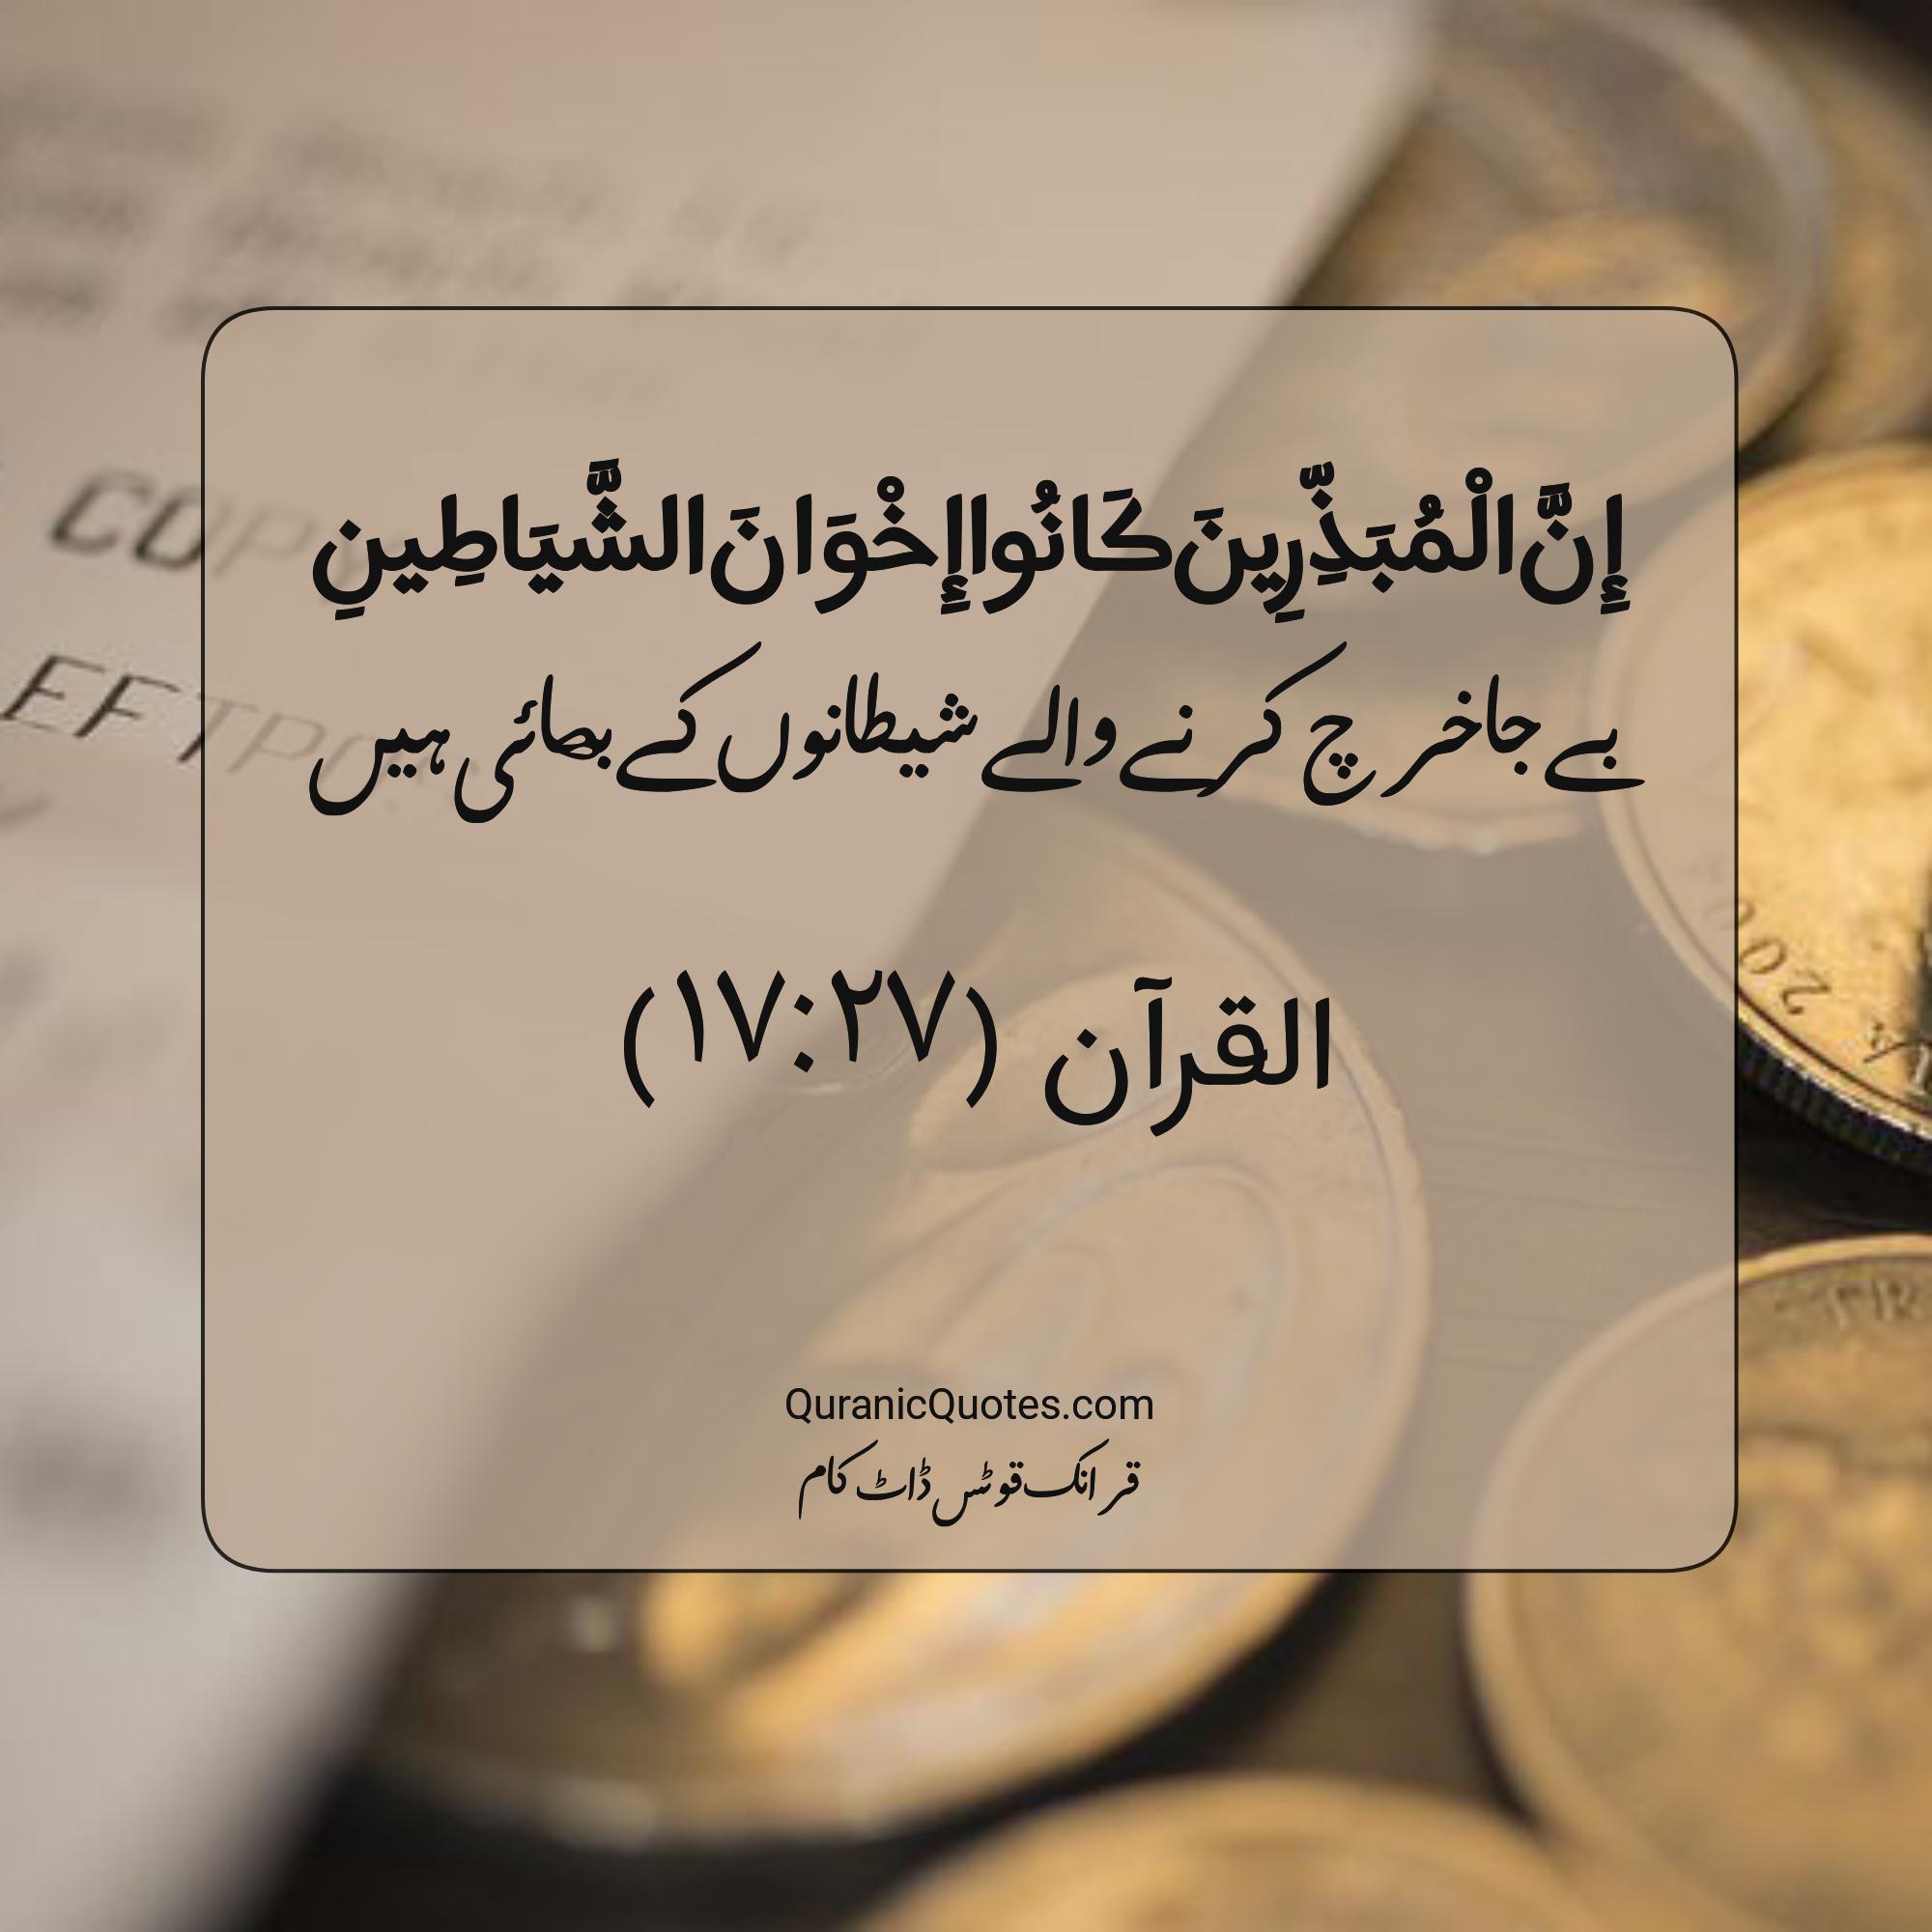 quran-quotes-urdu-17-27